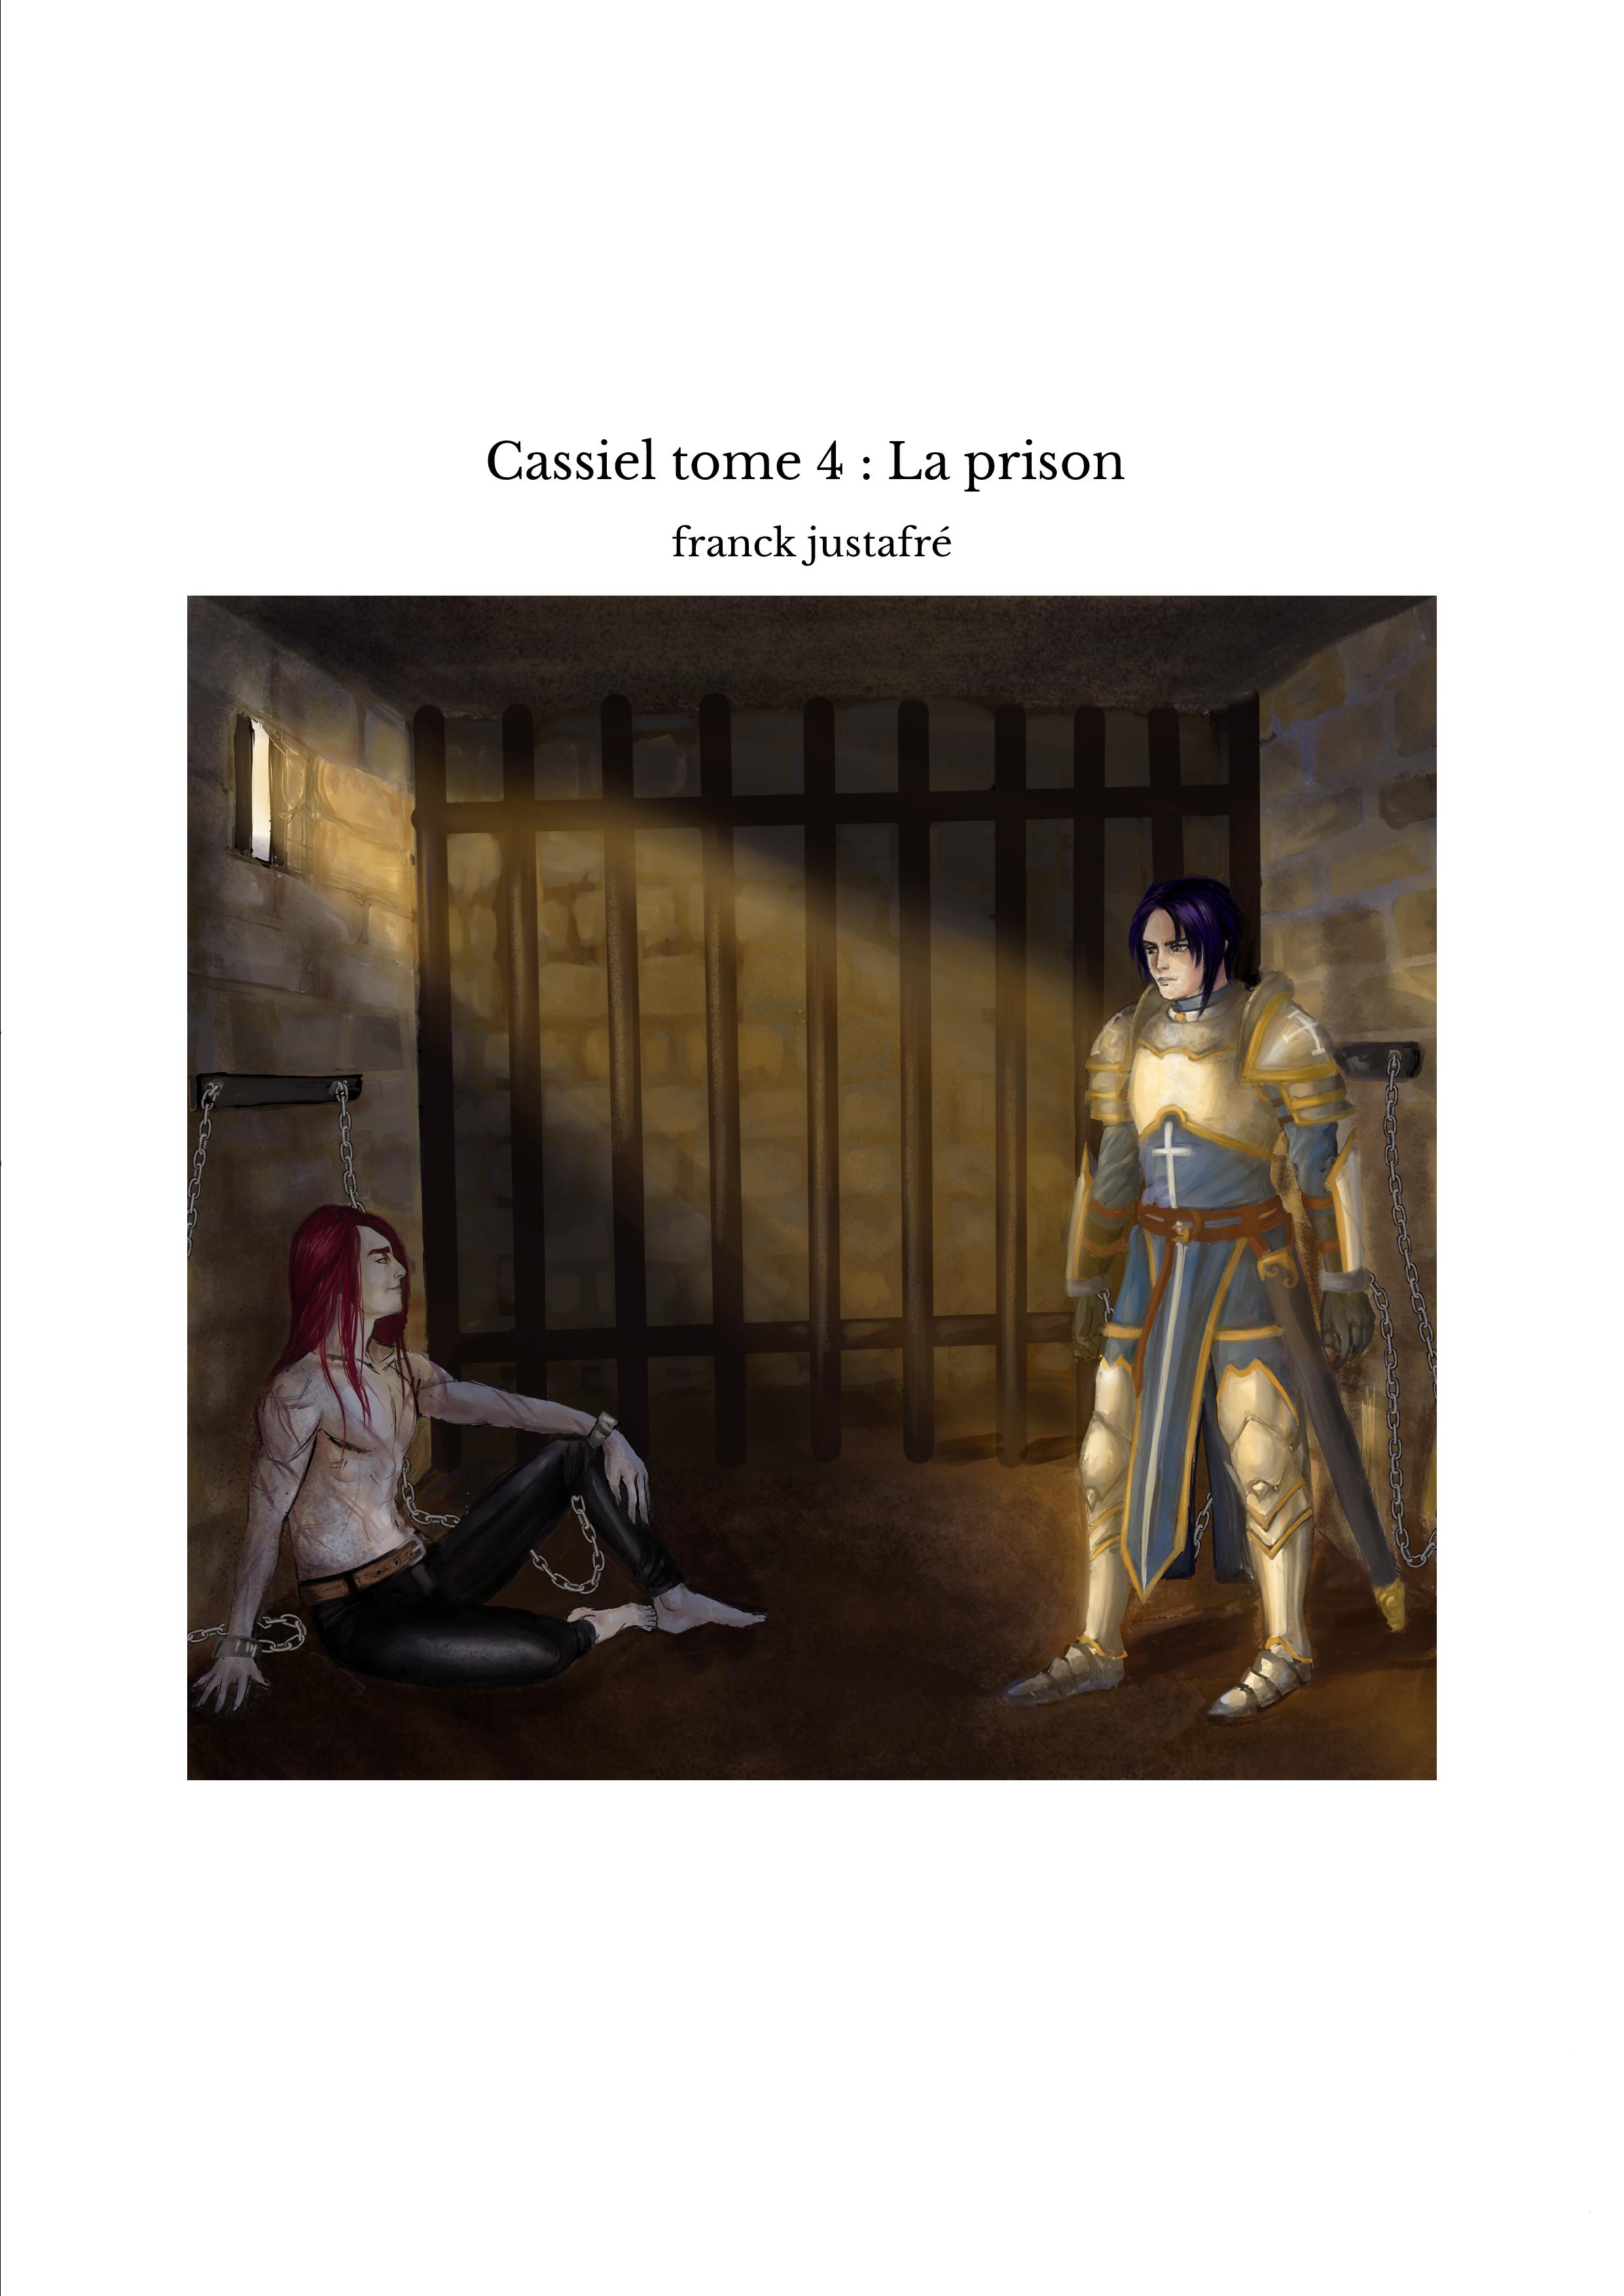 Cassiel tome 4 : La prison